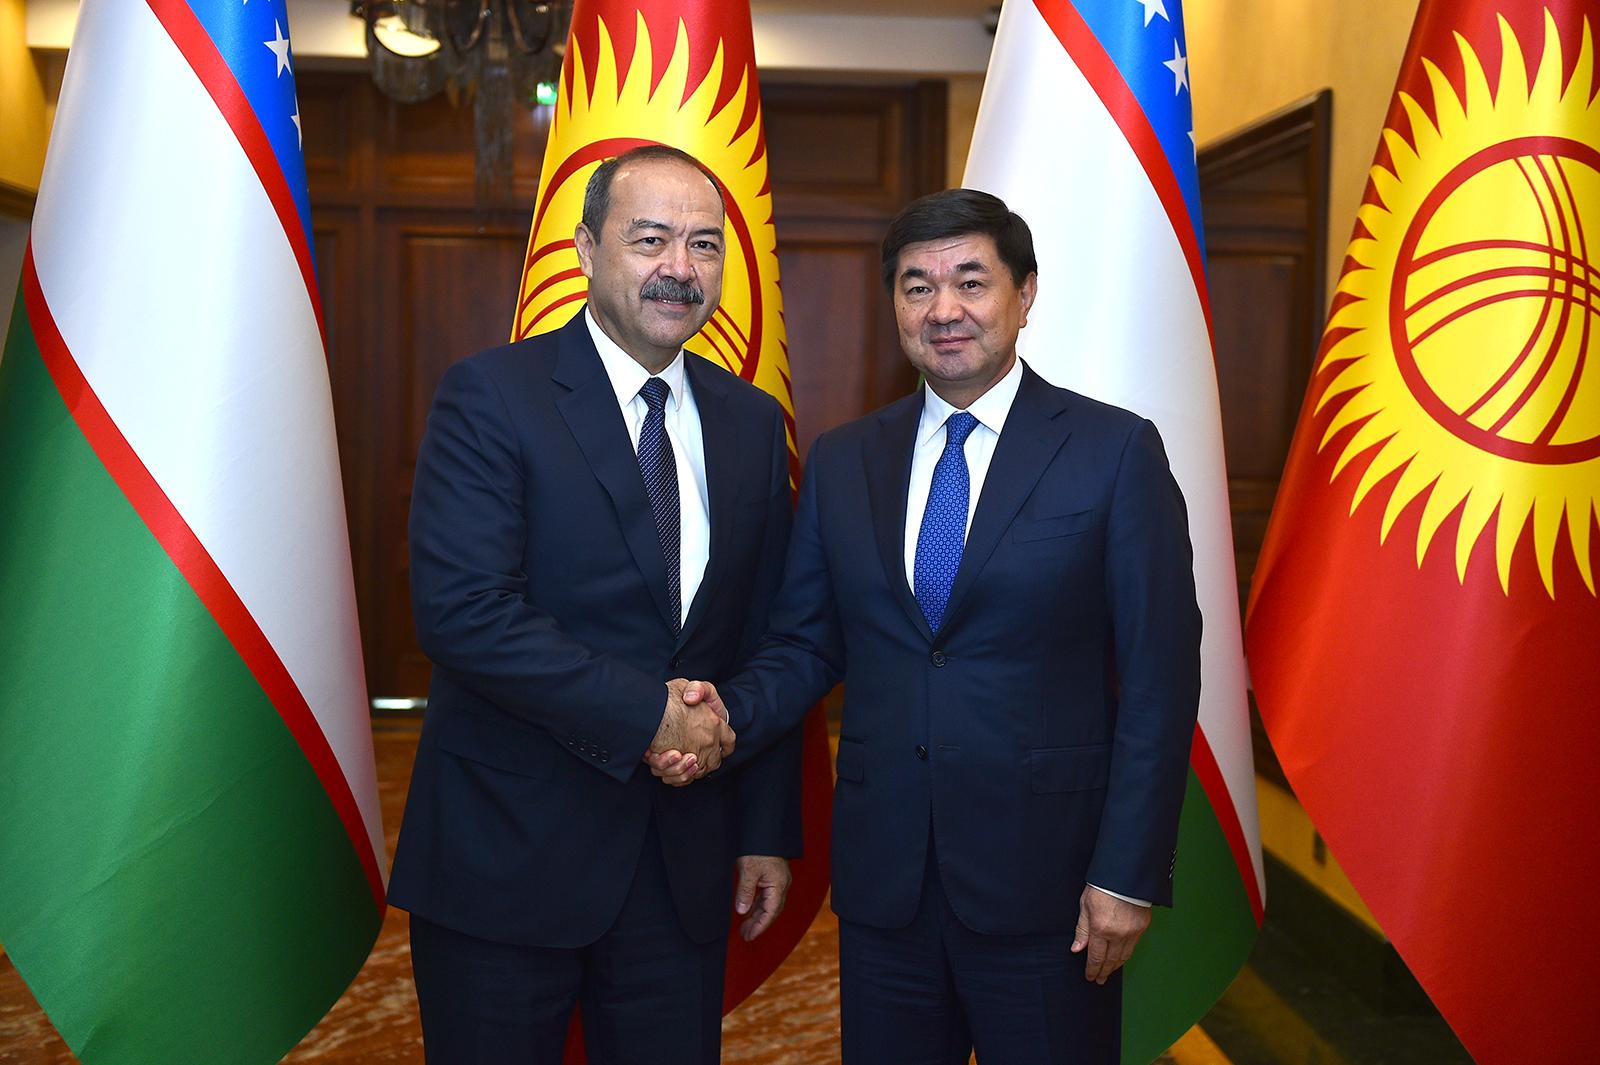 Кыргызстан жана Өзбекстан эки өлкө ортосундагы товар жүгүртүүнү  500 млн долларга жетикирүүнү айтышты